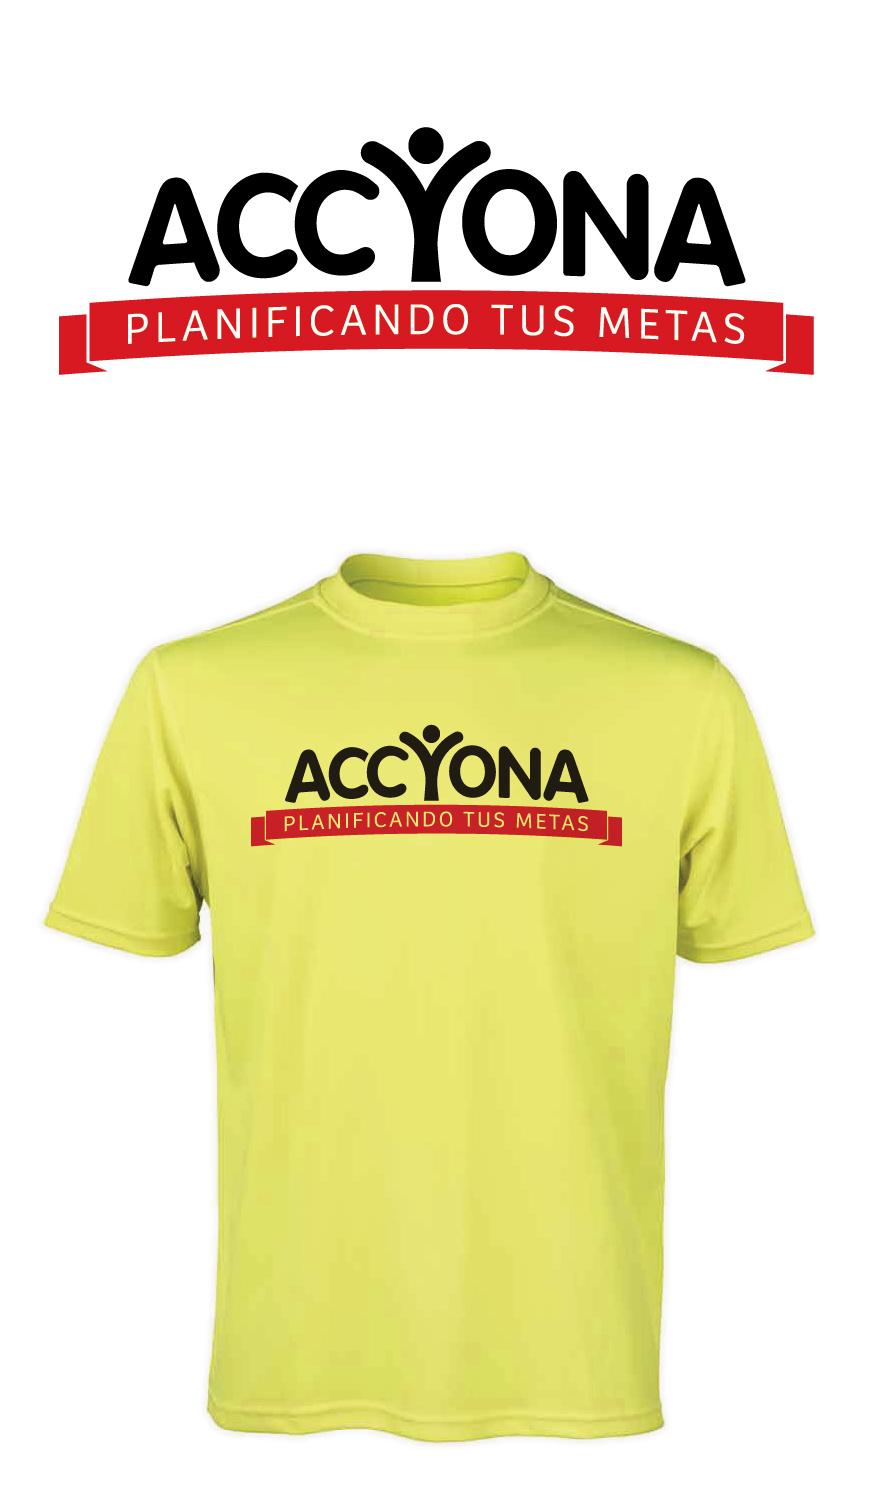 remera accyona 2013-01 (1)